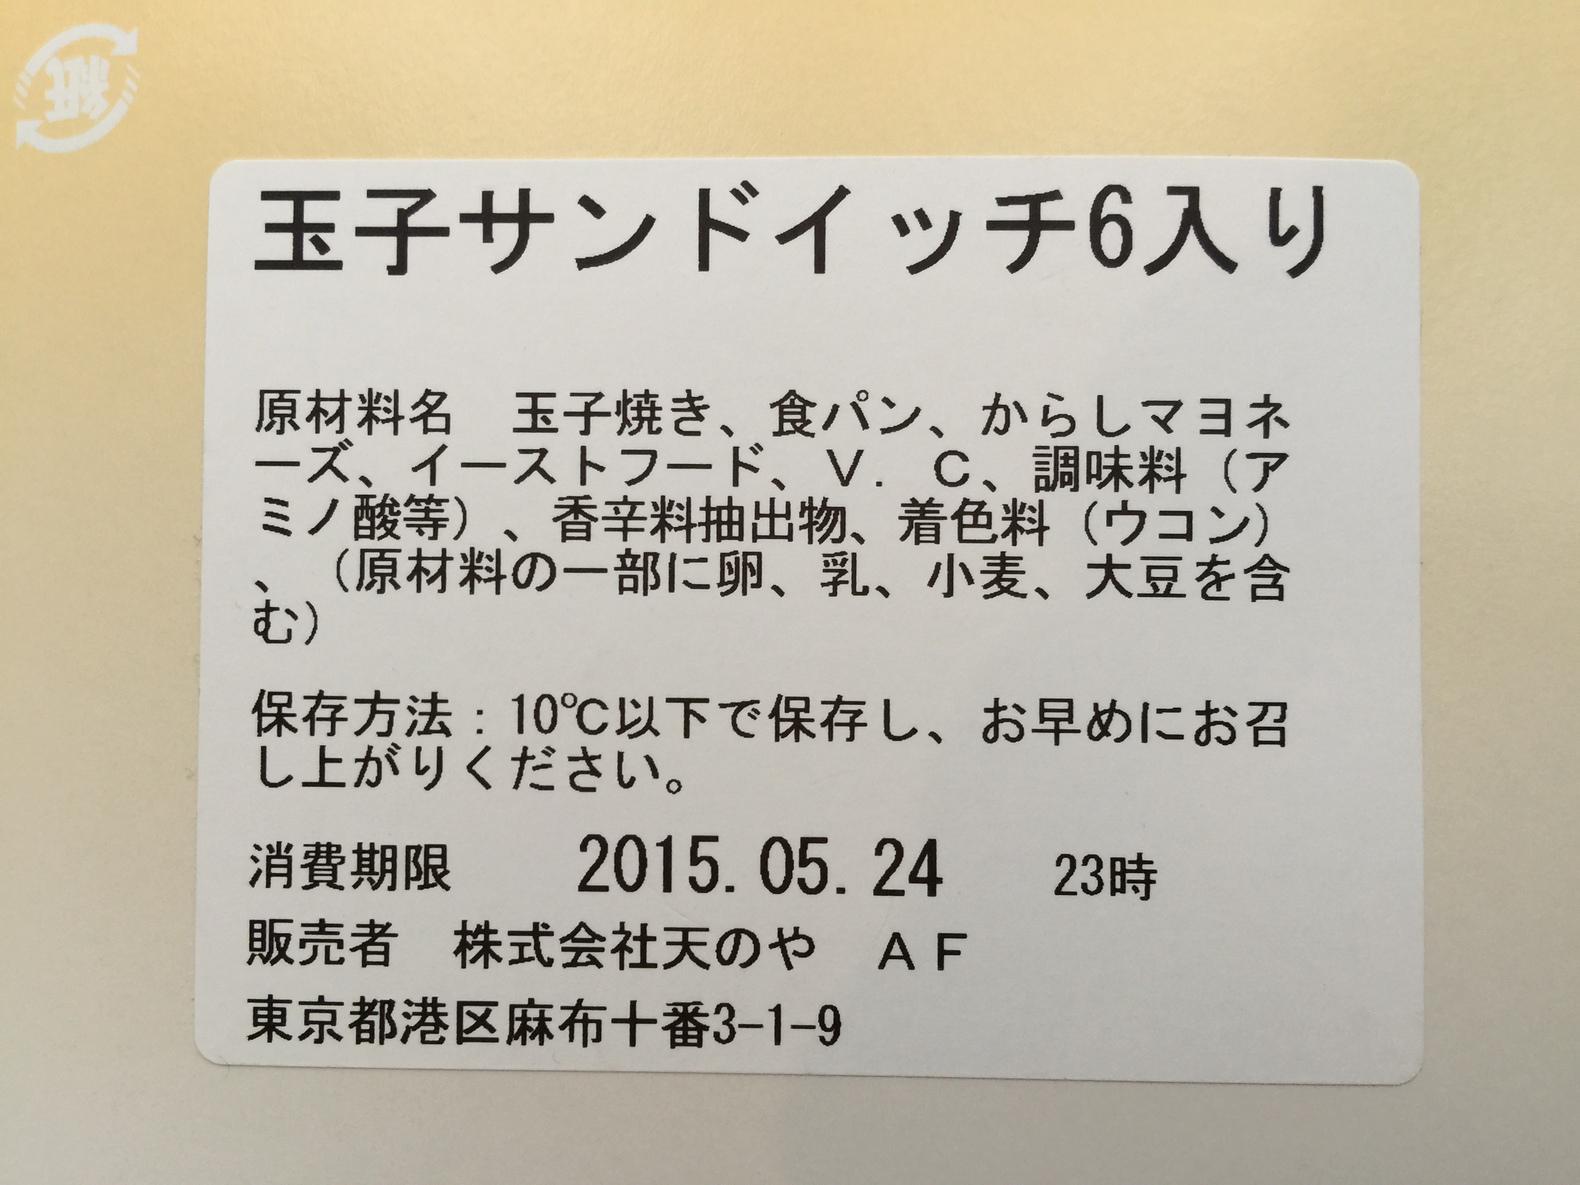 天のや 西武渋谷店